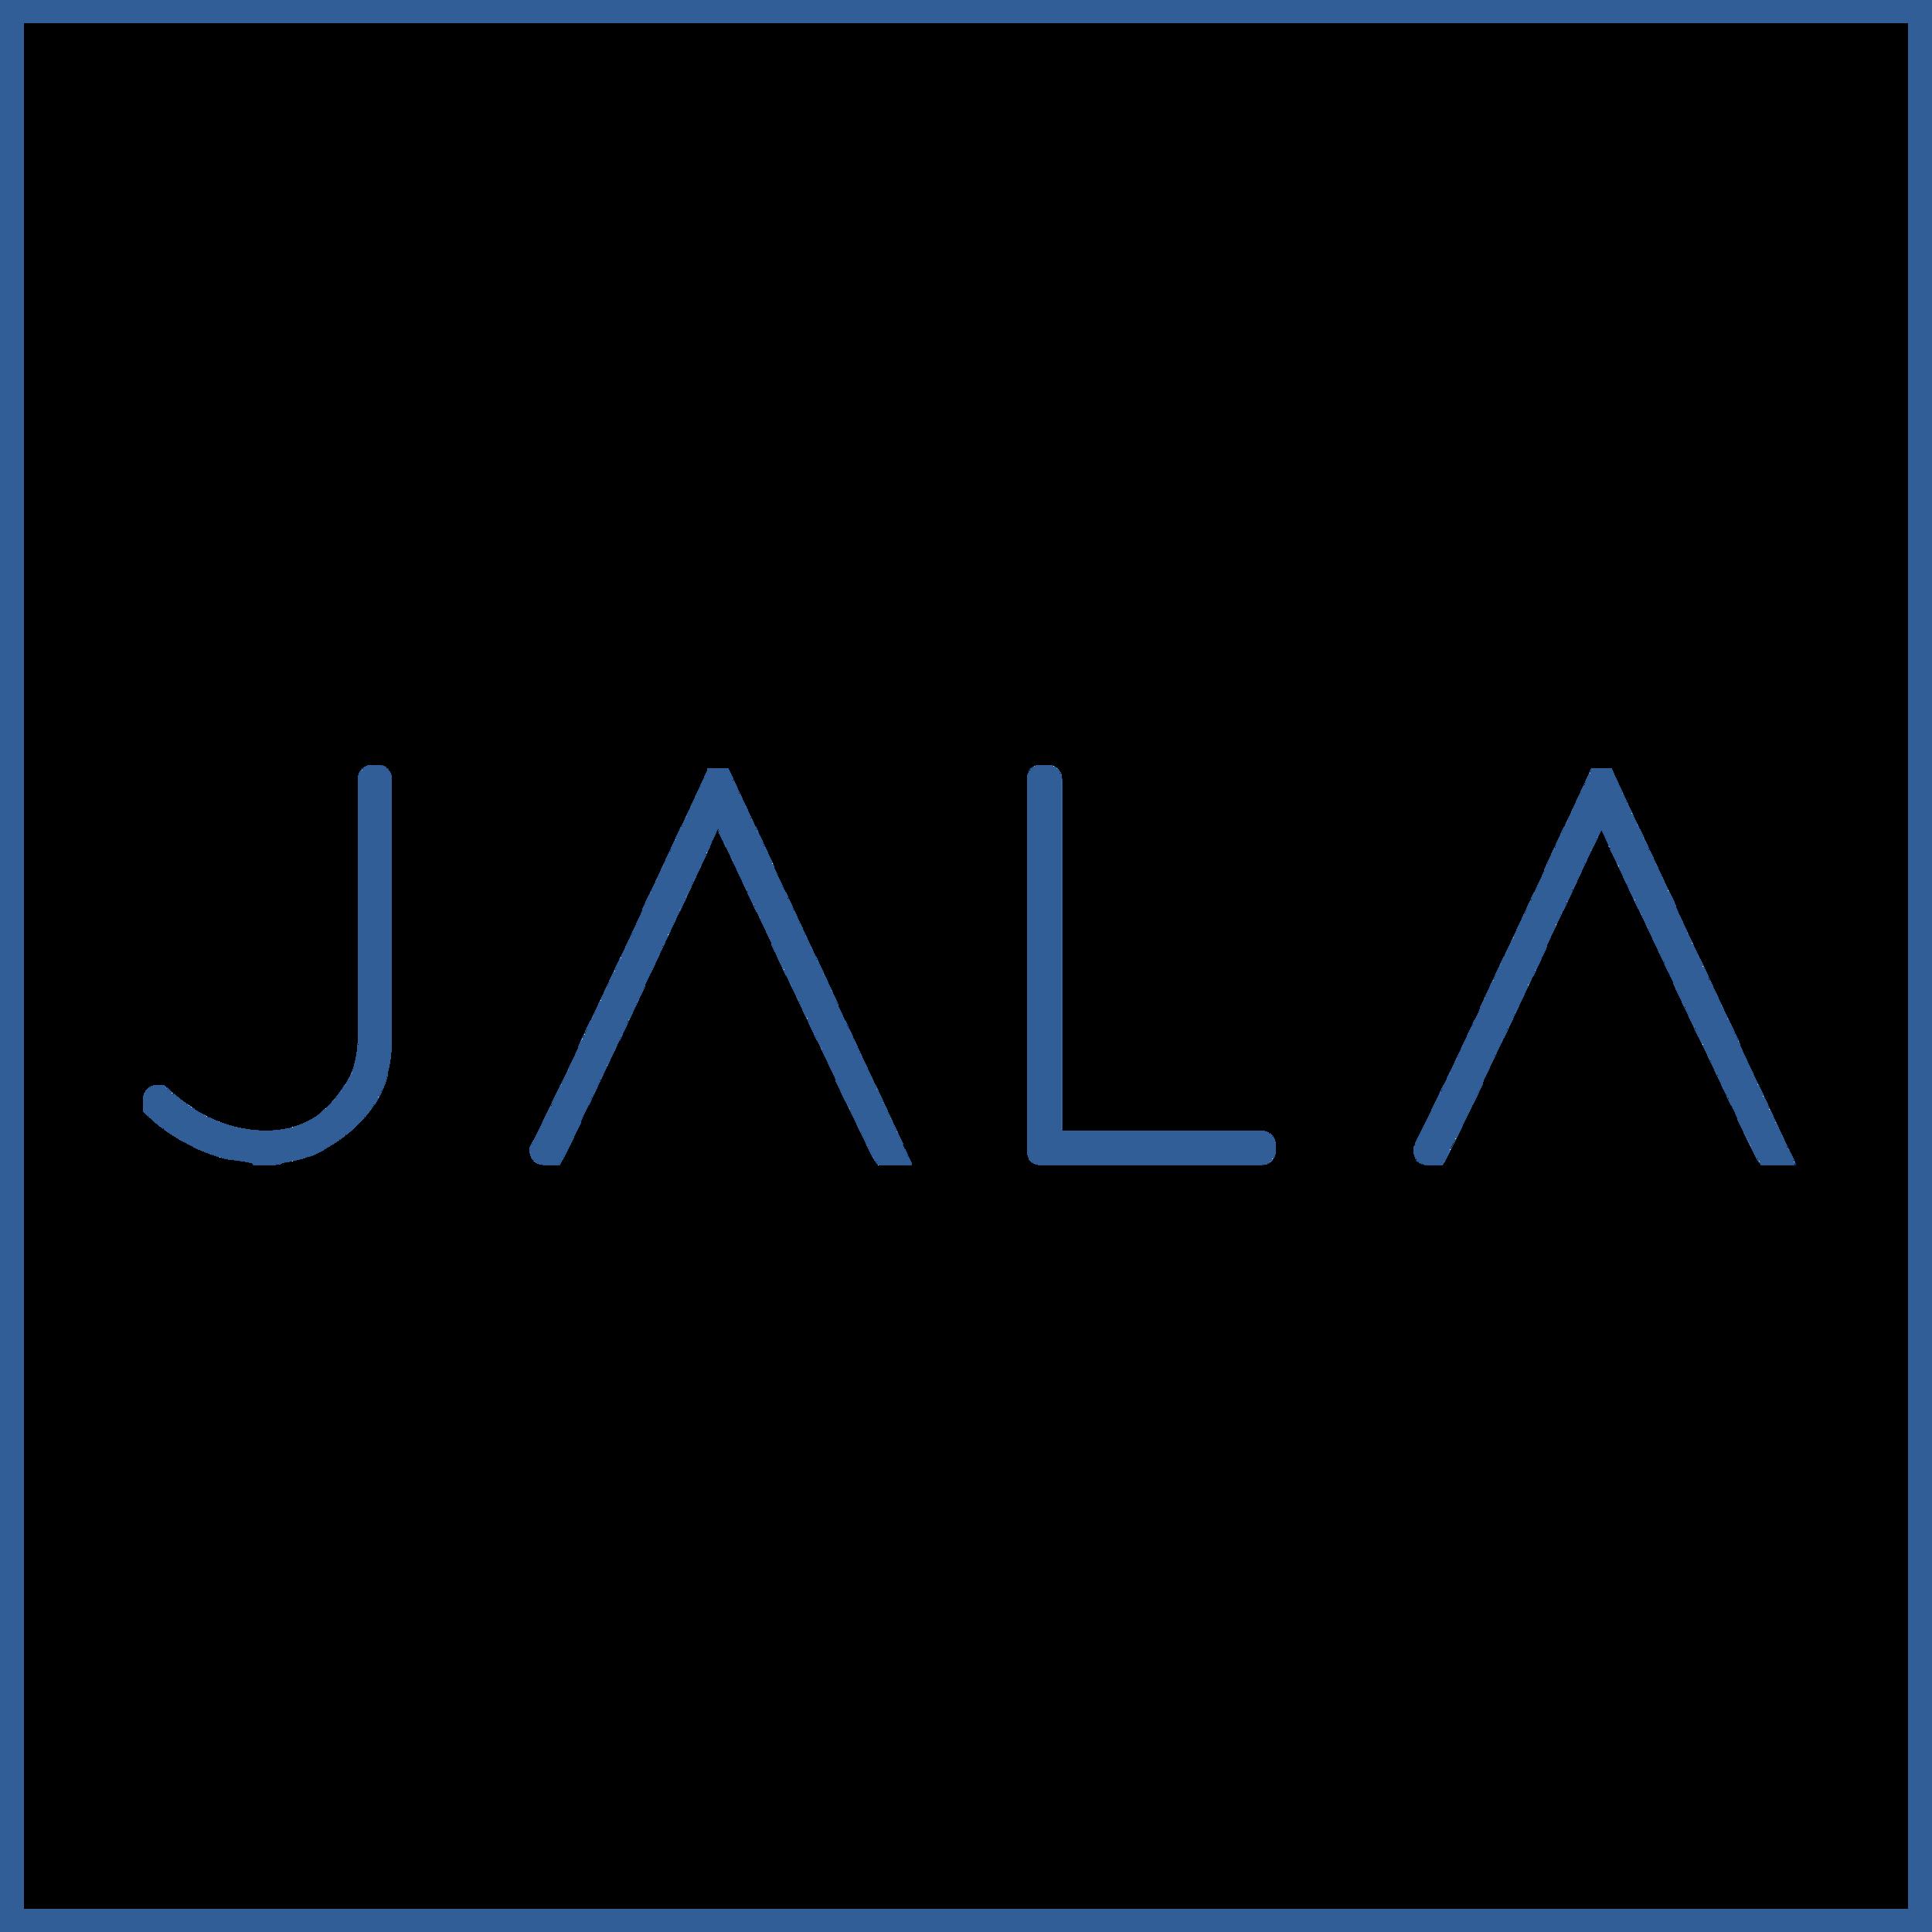 Logo Jala putih.png